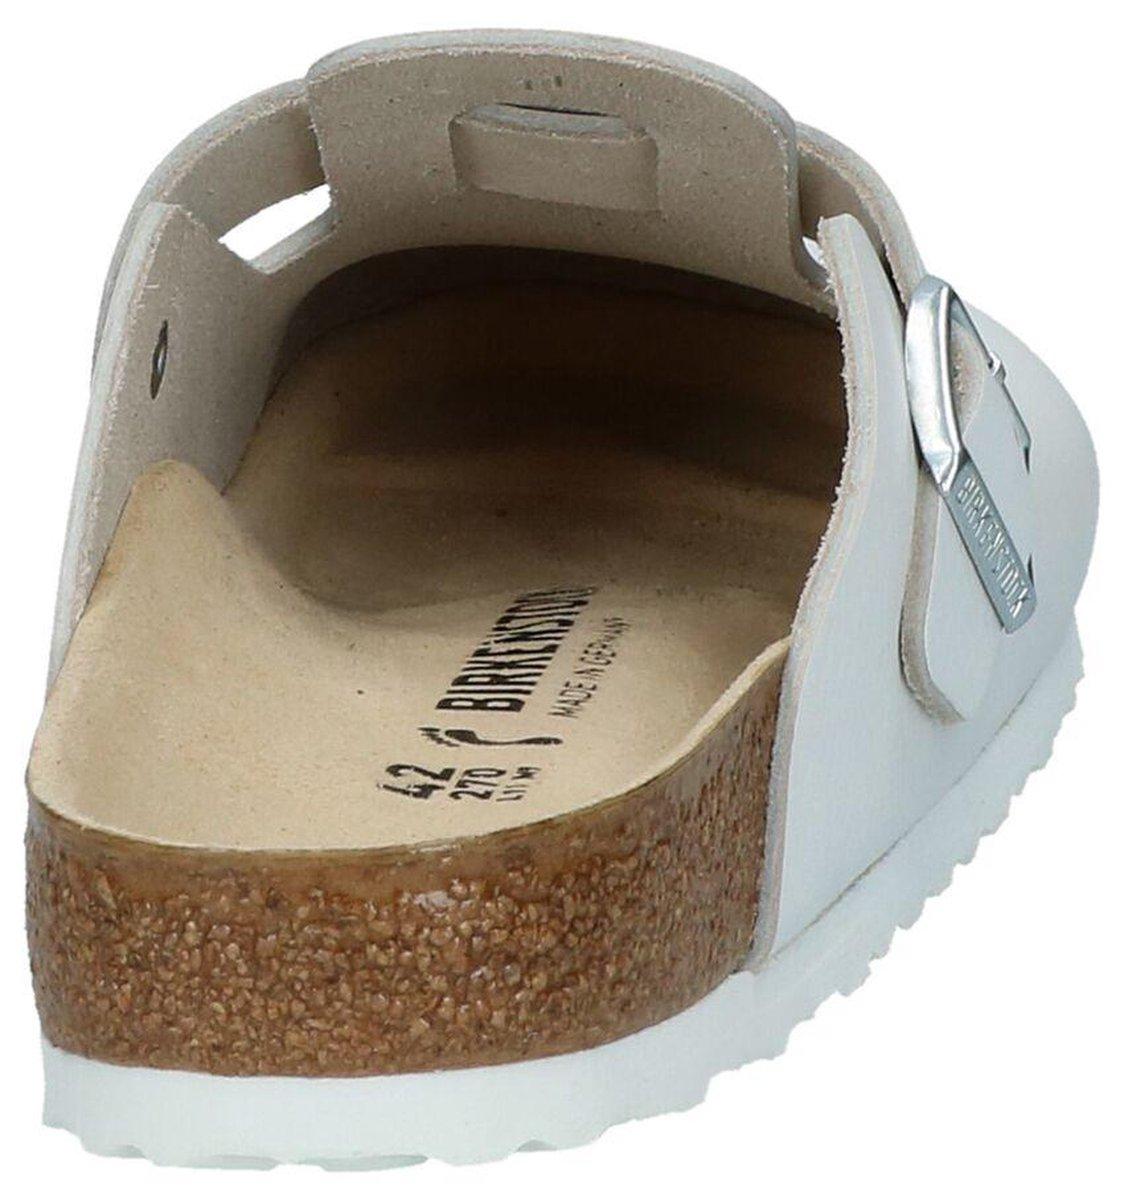 Birkenstock Boston Heren Slippers - Wit - Maat 42 Slippers